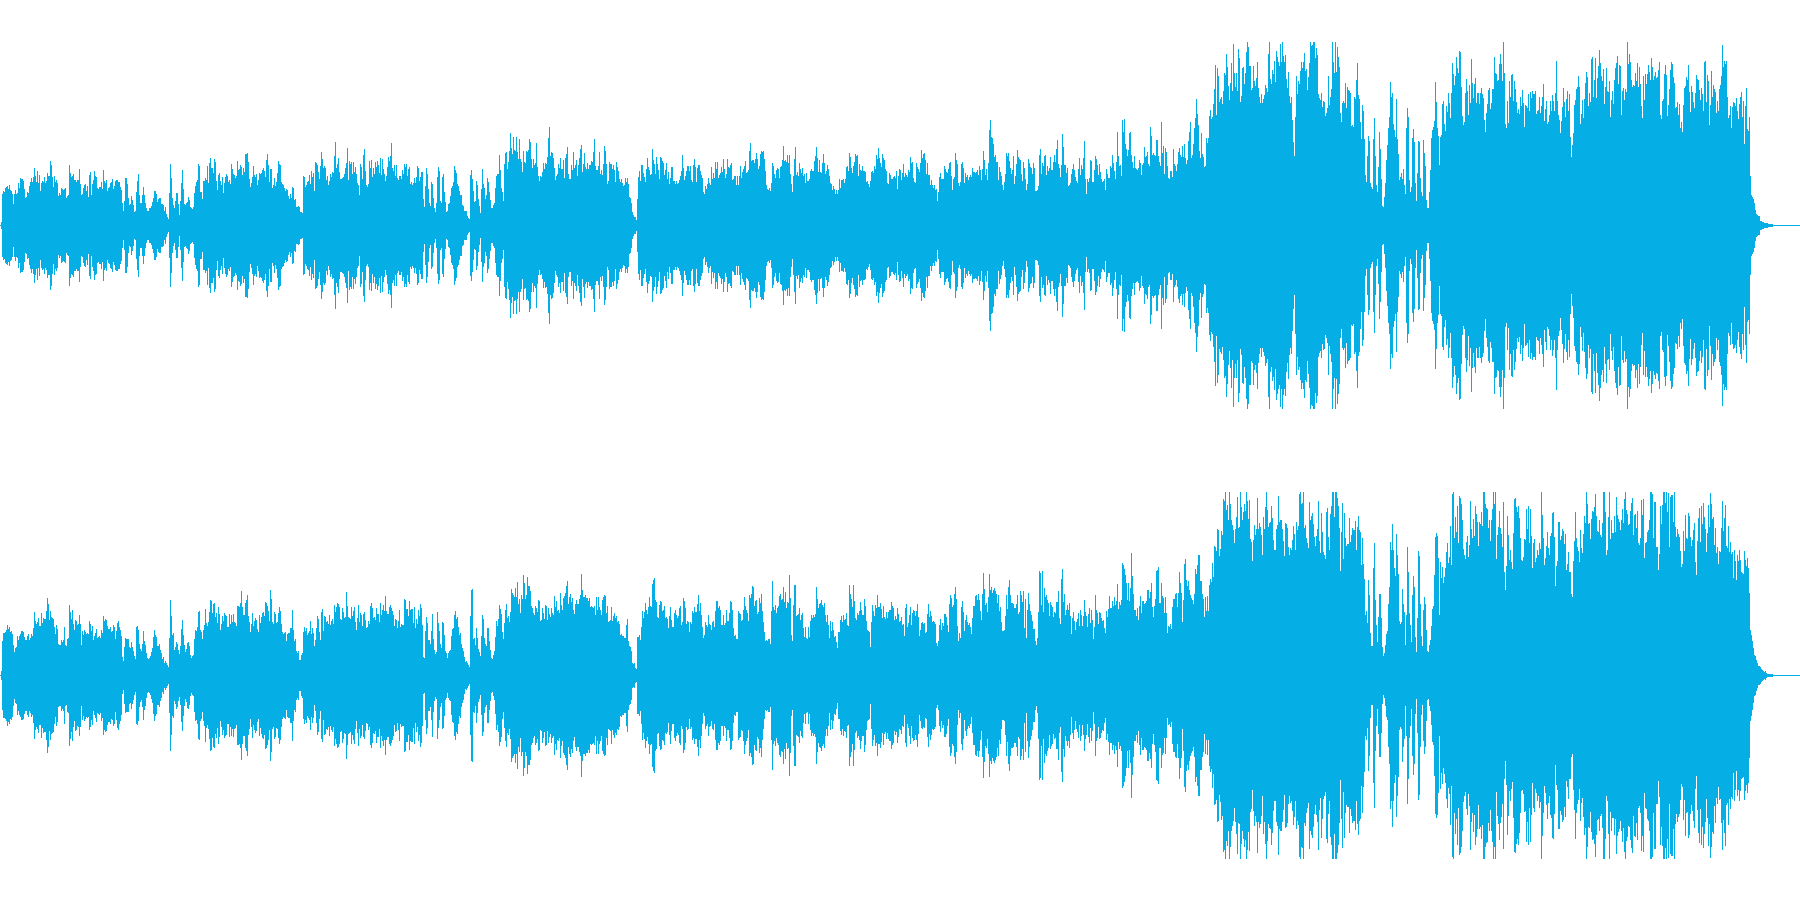 幻想的なフルオーケストラの再生済みの波形